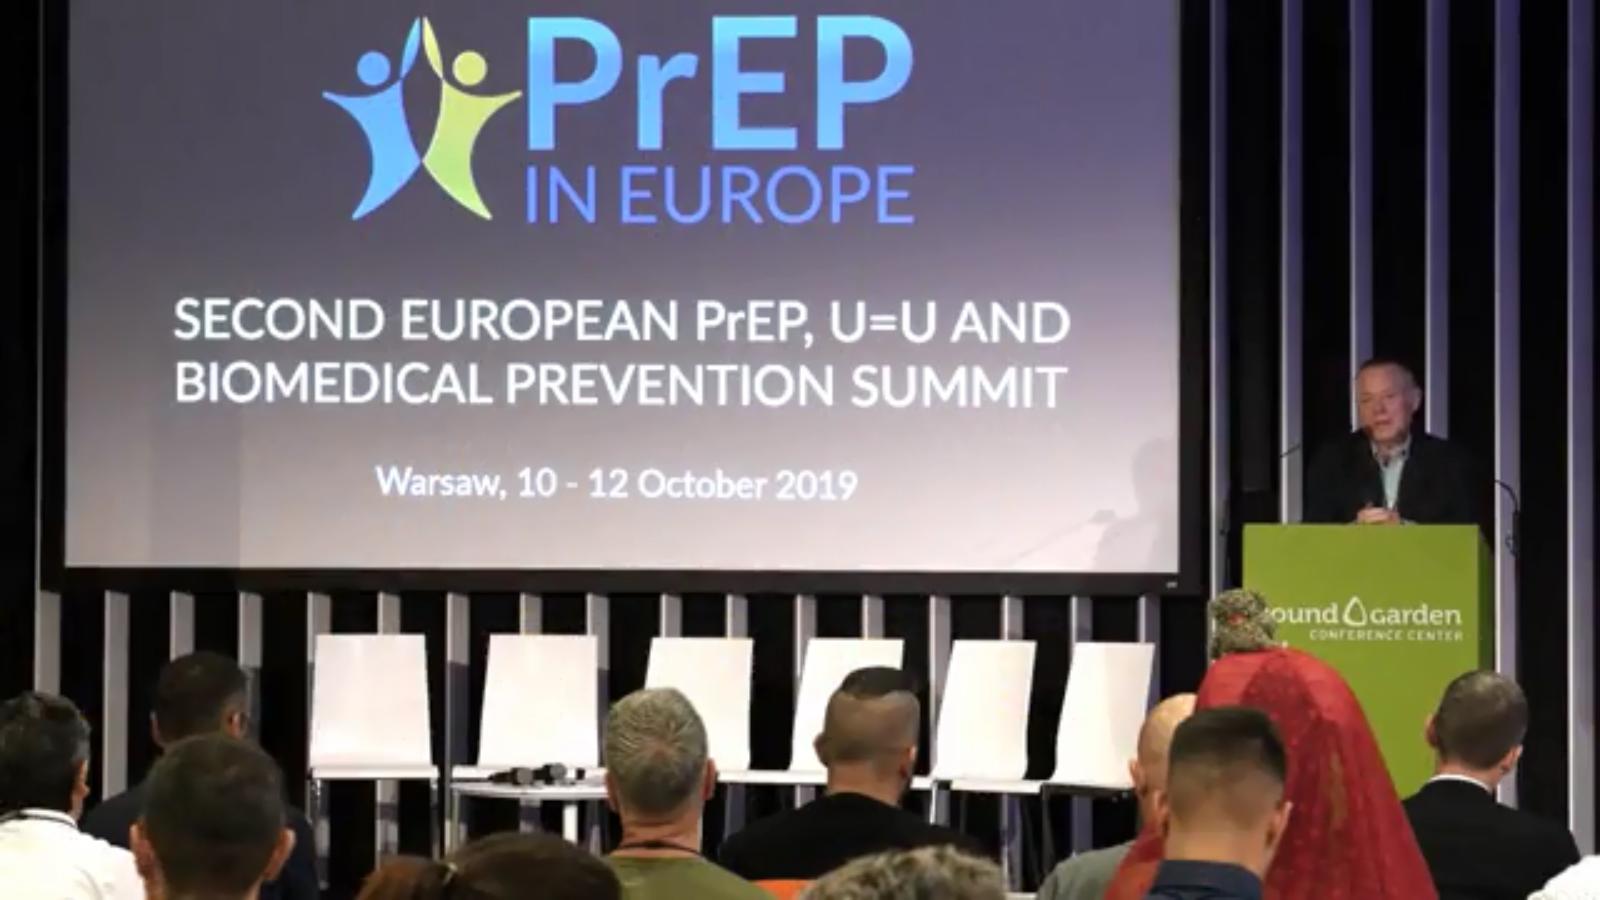 Videos online zum HIV-PrEP-Gipfel auf Englisch und Russisch - Bild 1